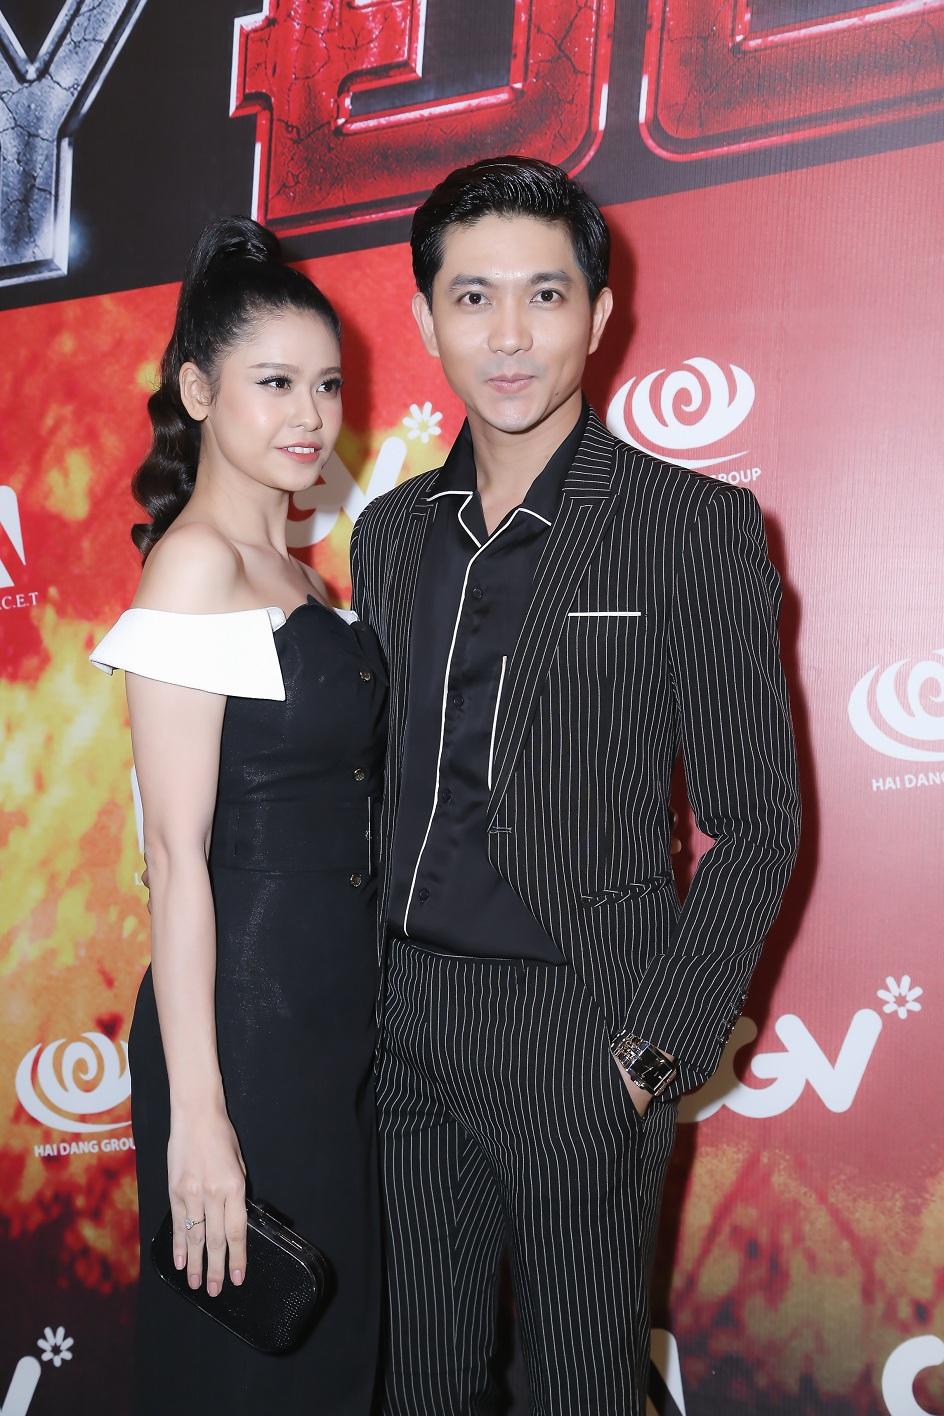 Vợ chồng ca sĩ Tim - Trương Quỳnh Anh...